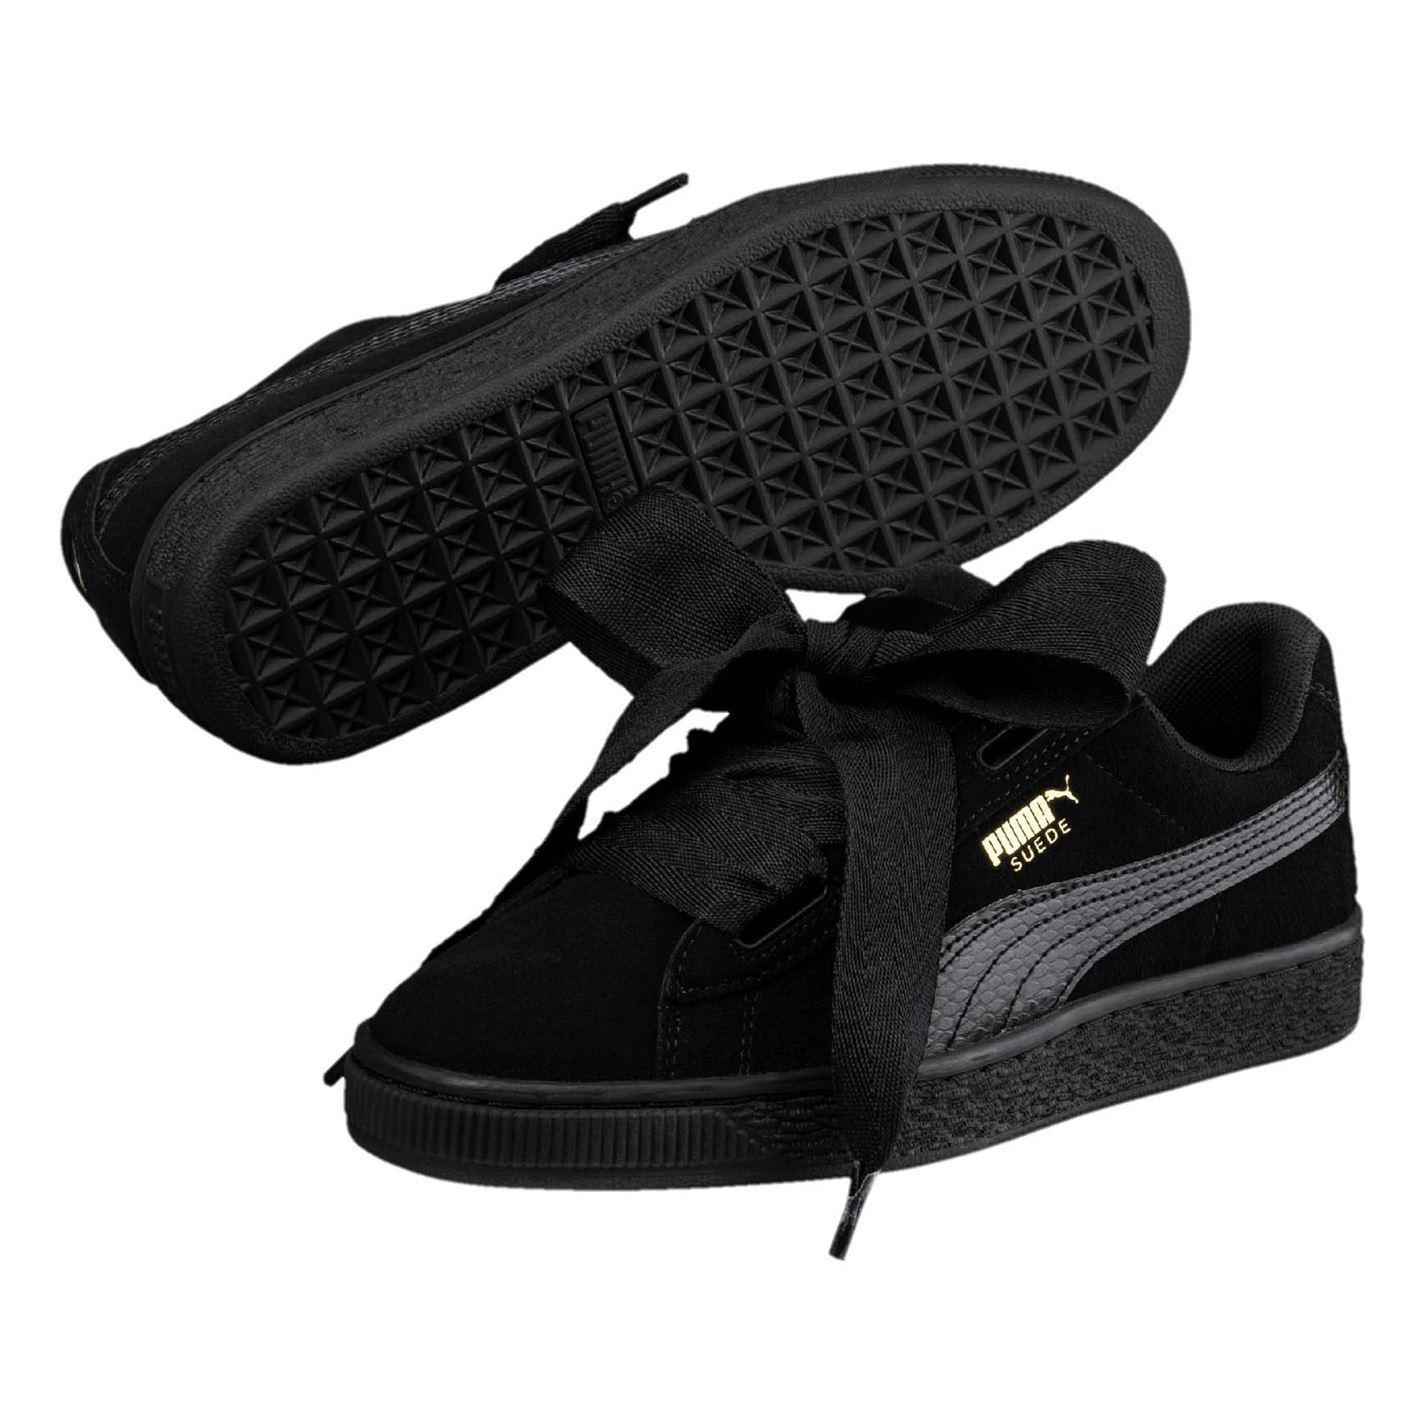 d4289c0ed67 Puma Suede Heart Sneakers Girls Shoes Footwear   eBay